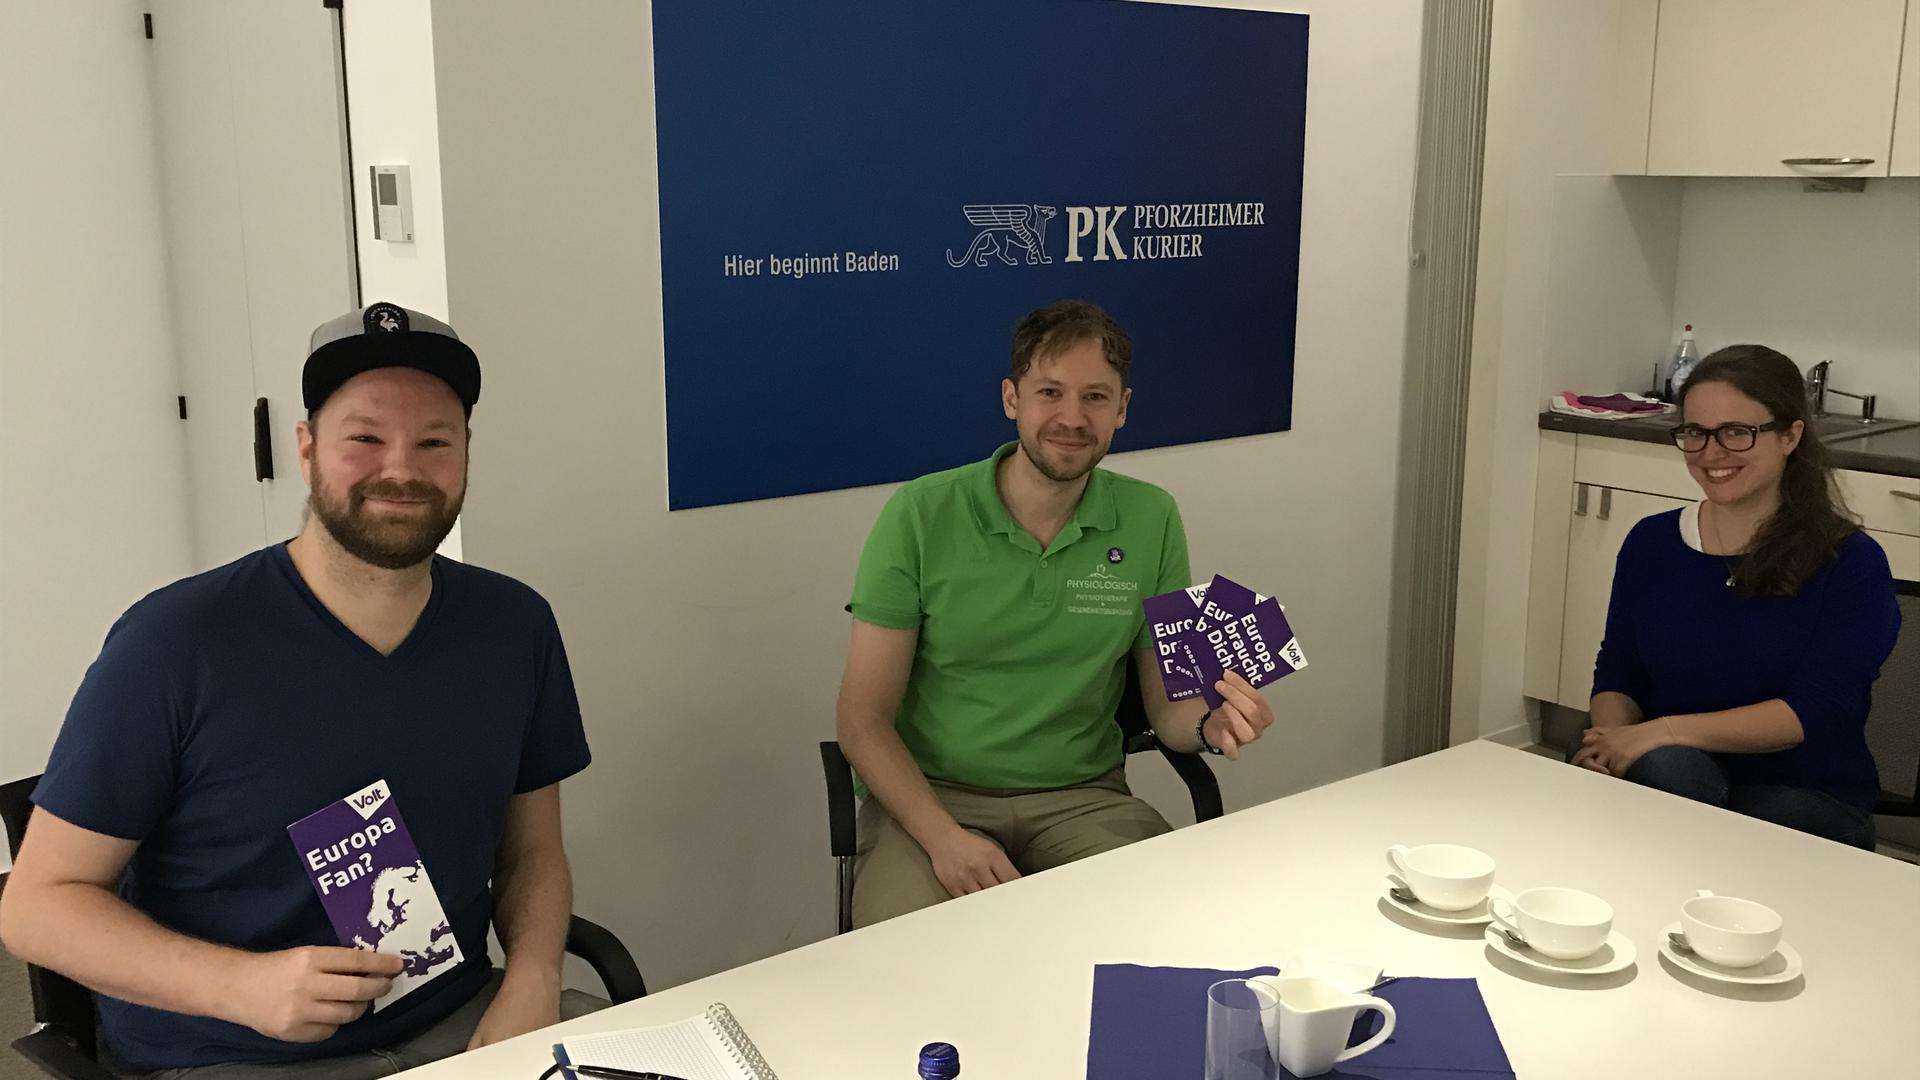 Drei Jungpolitiker sitzen in der Redaktion des Pforzheimer Kuriers und halten violette Broschüren von Volt in Händen.